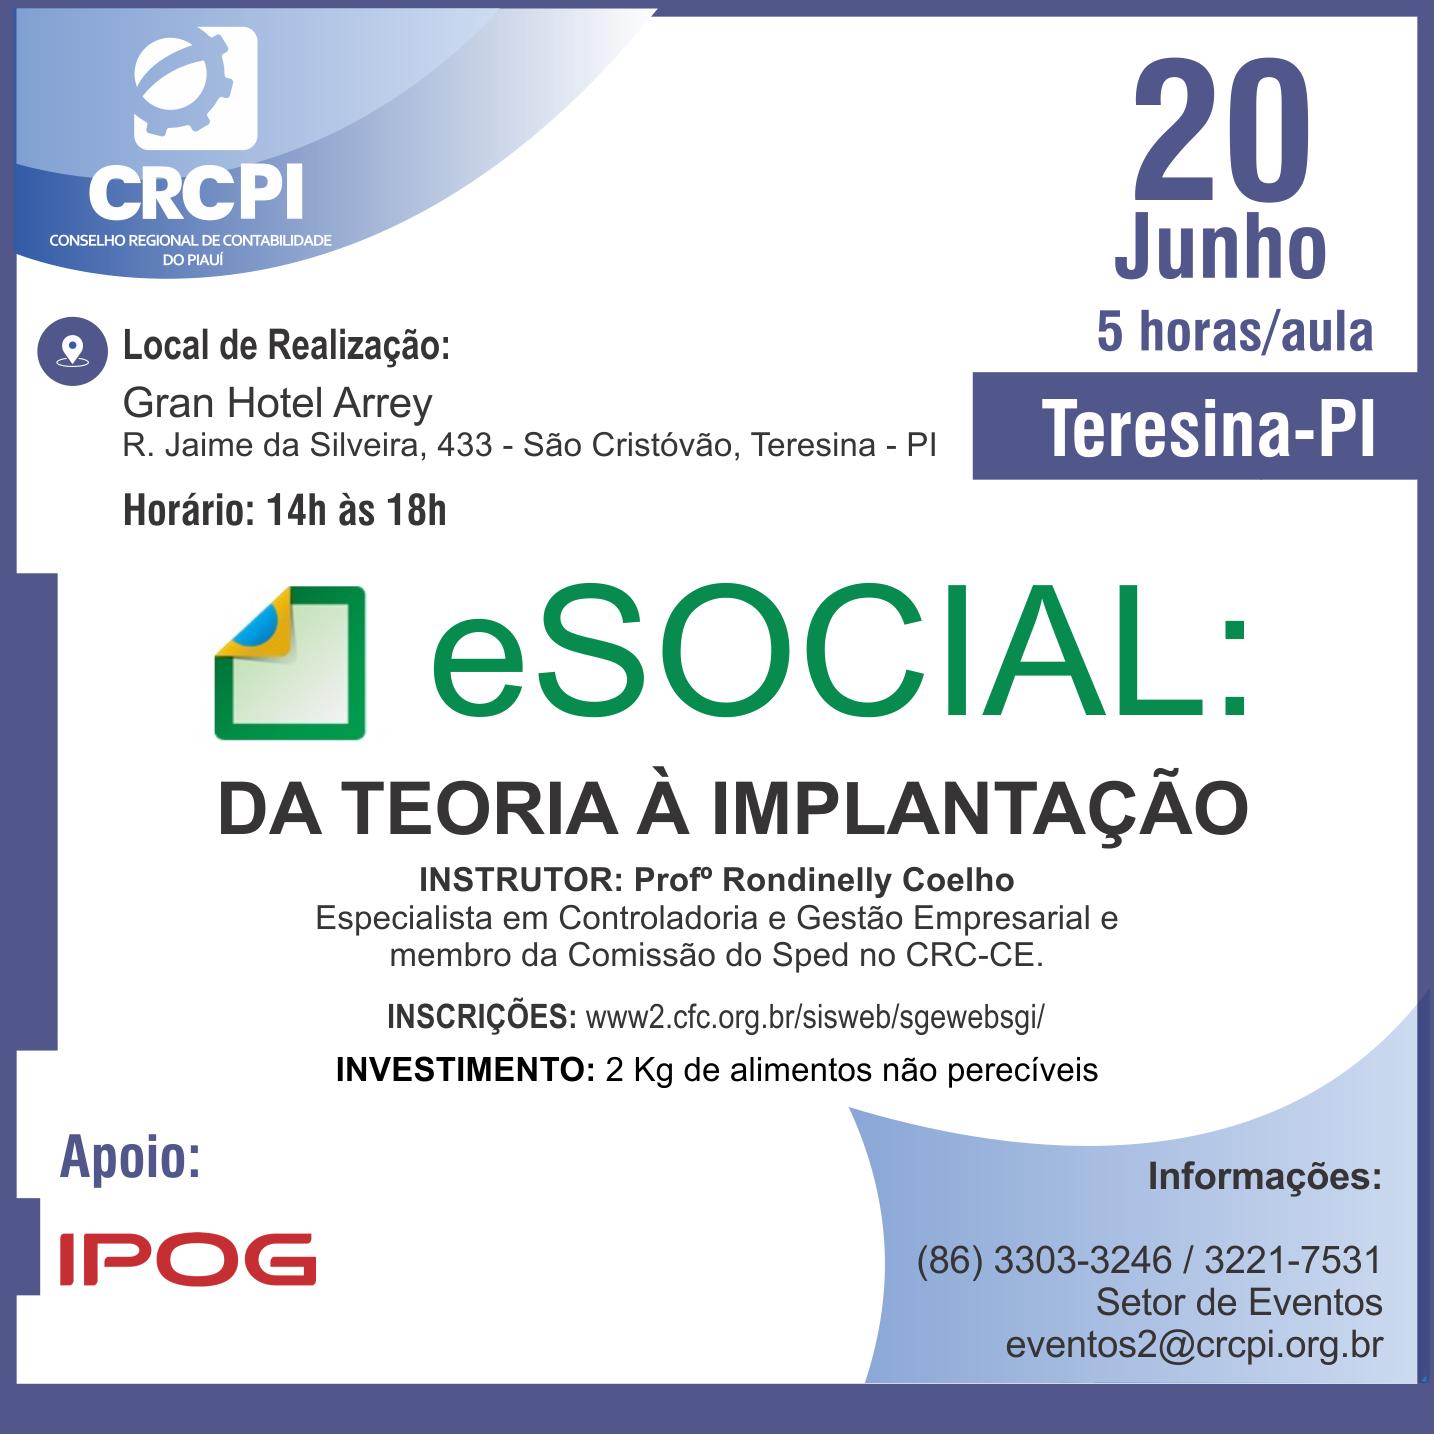 CRC-PI abre inscrições para ocurso sobre eSocial em Teresina